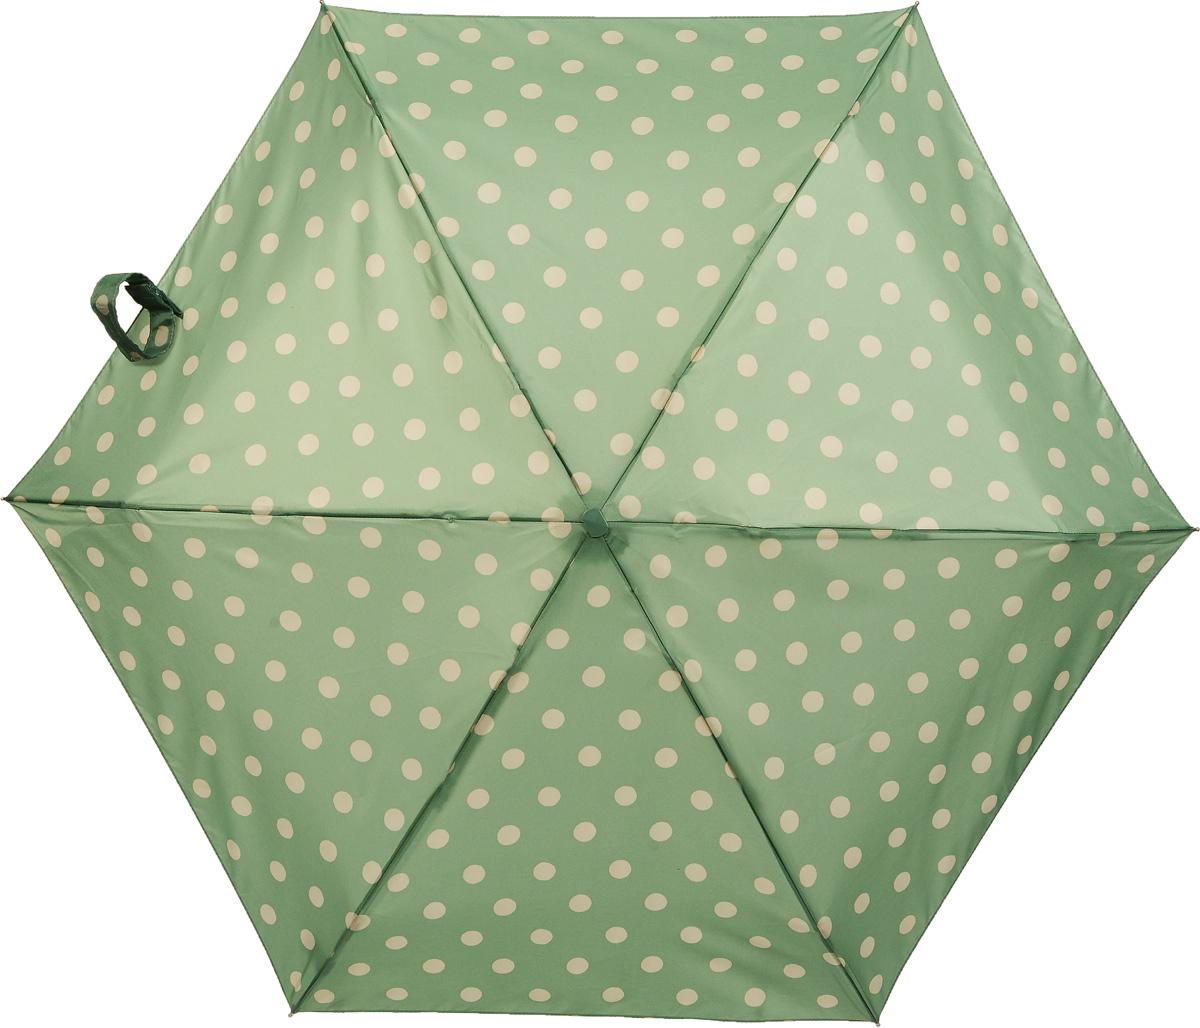 Зонт женский механика Cath Kidston Fulton, расцветка: зеленый горох. L521-3130 Button Spot GreenL521-3130 ButtonSpotGreenПрочный, необыкновенно компактный зонт, который с легкостью поместится в маленькую сумочку. Удобный плоский чехол. Облегченный алюминиевый каркас с элементами из фибергласса. Ветроустойчивая конструкция. Размеры зонта в сложенном виде 15смх6смх3см, диаметр купола 87 см.